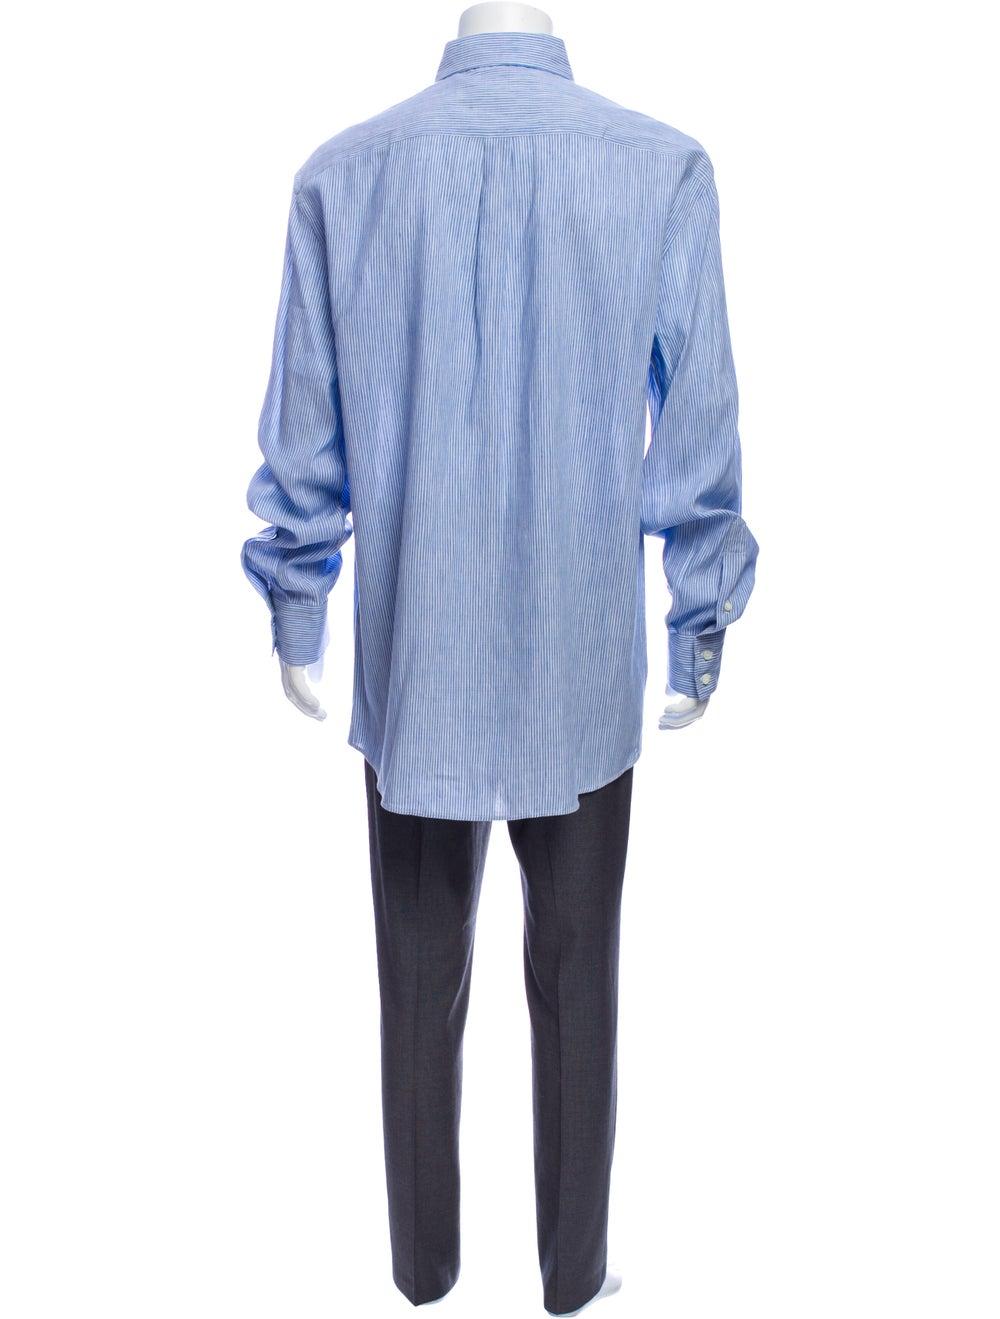 Brunello Cucinelli Linen Striped Dress Shirt Blue - image 3